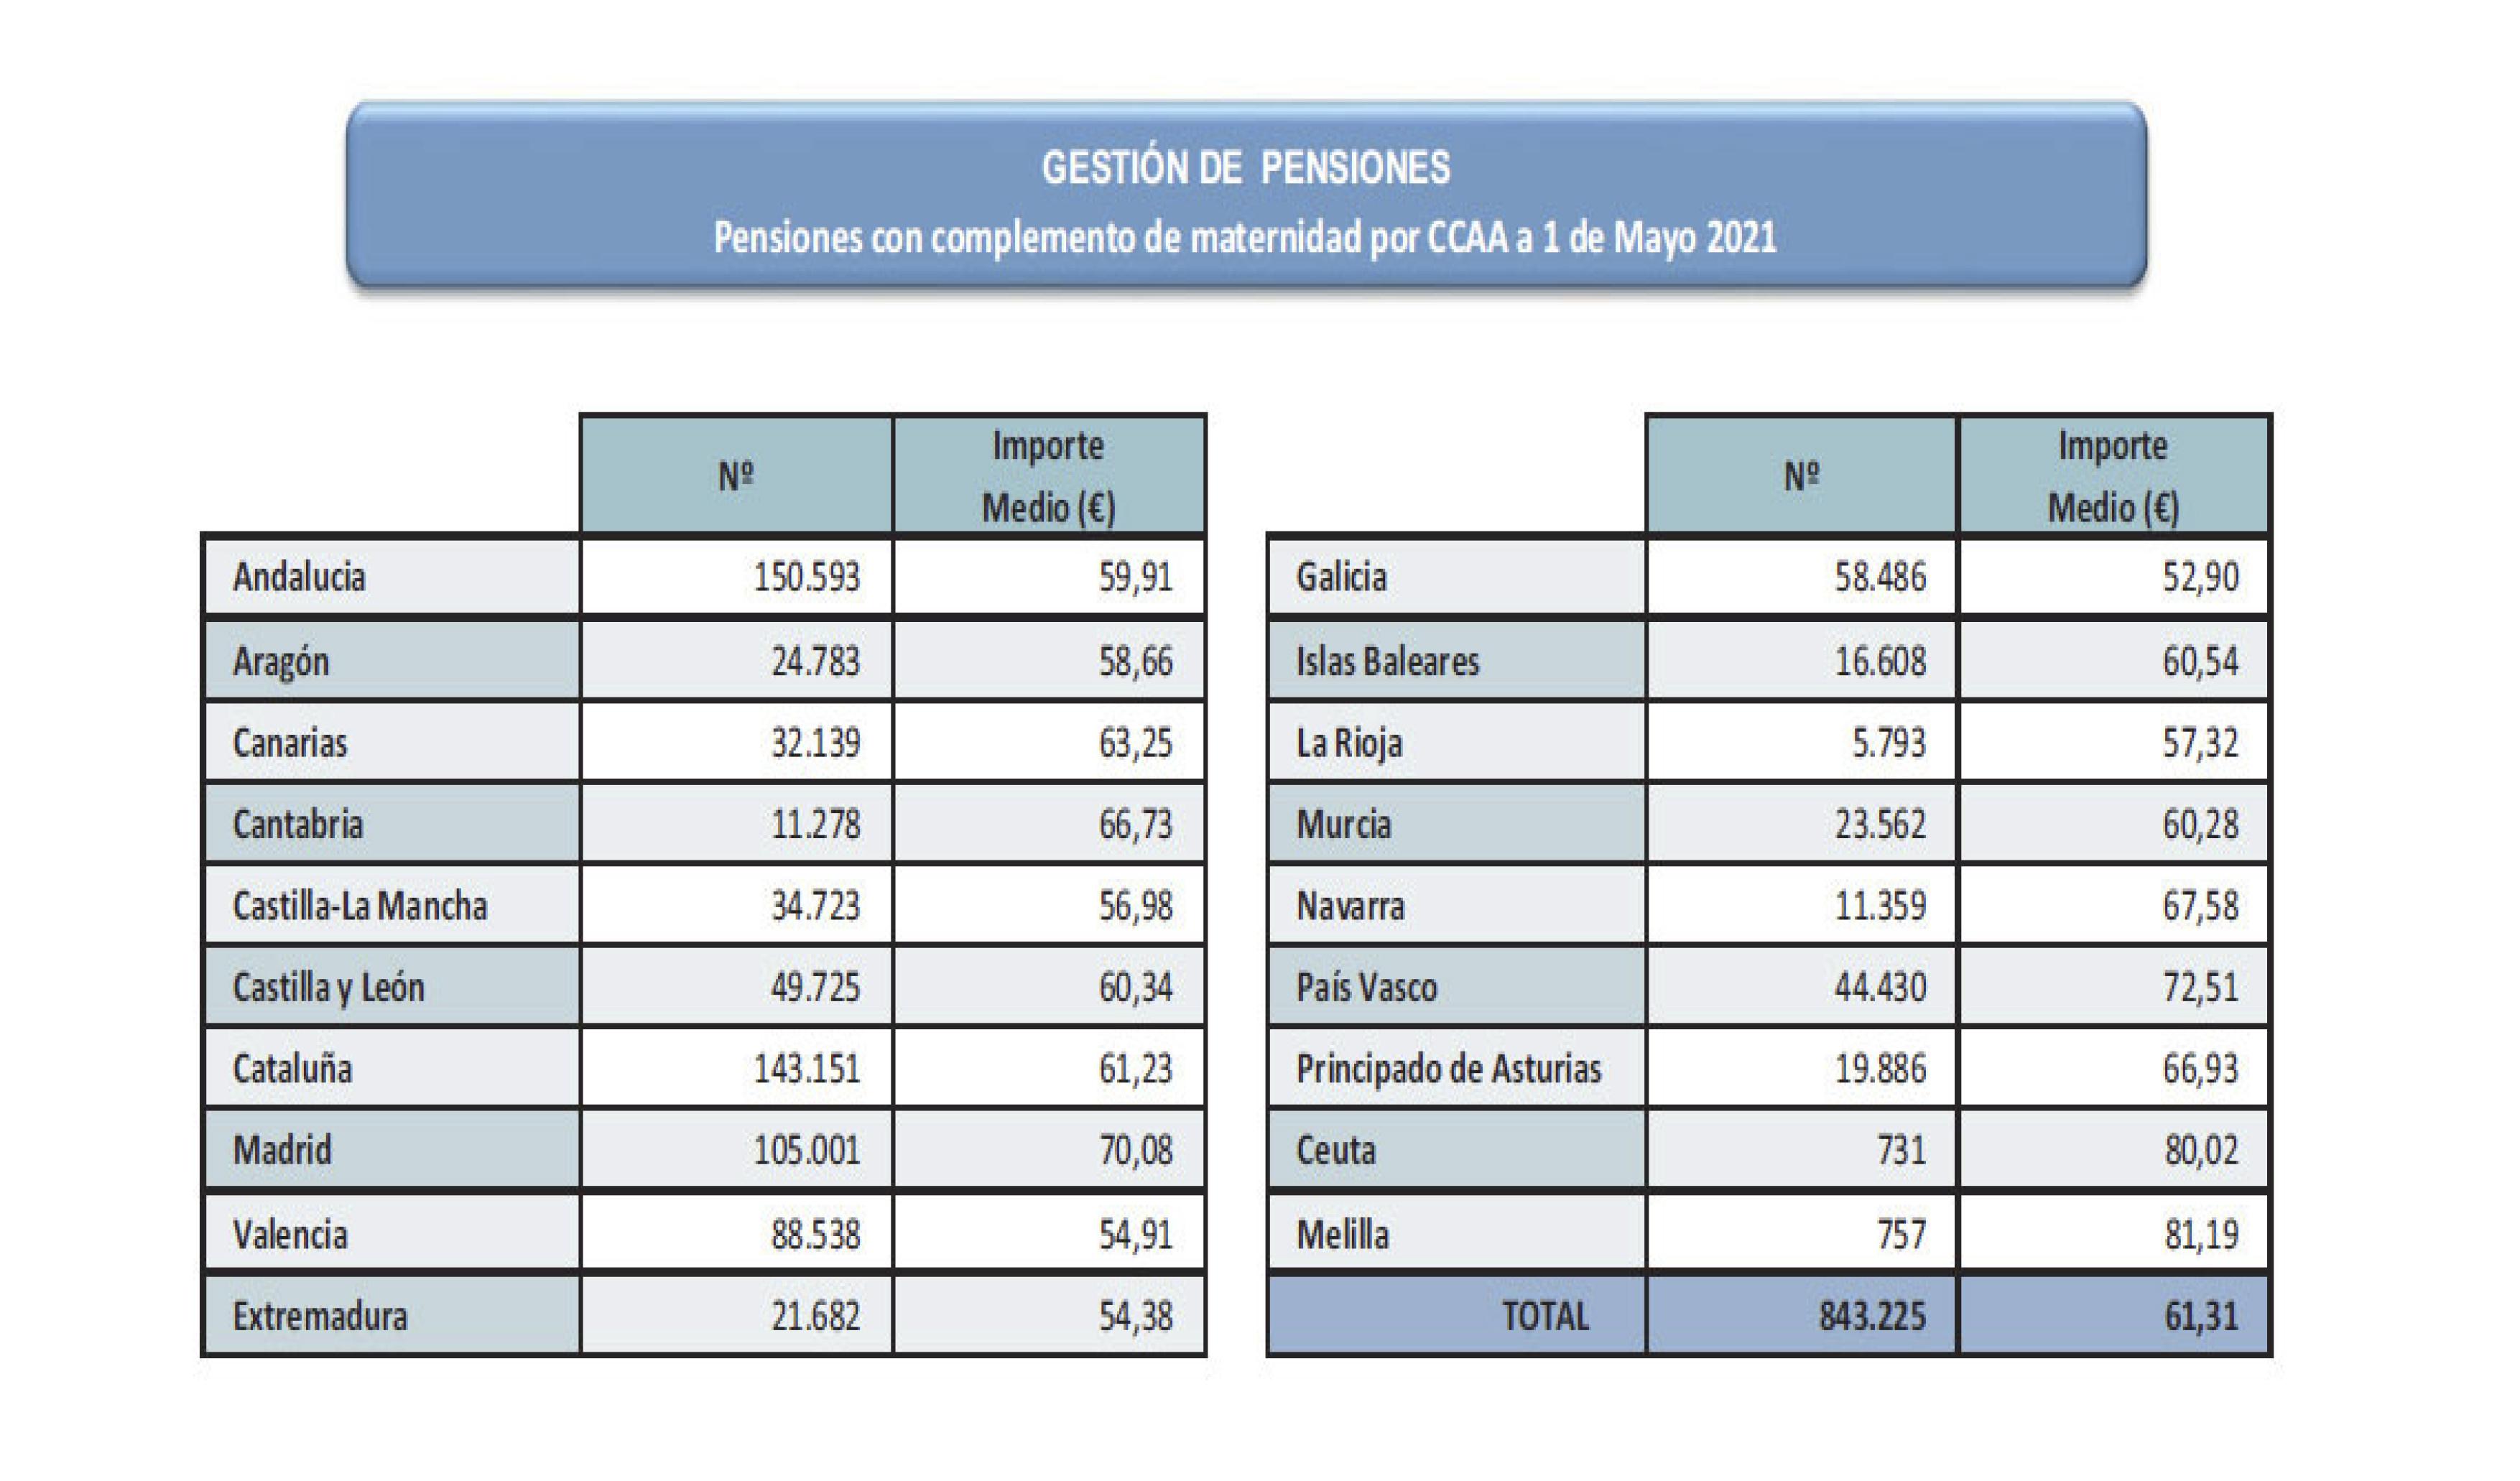 Pensiones con complemento de maternidad por CCAA